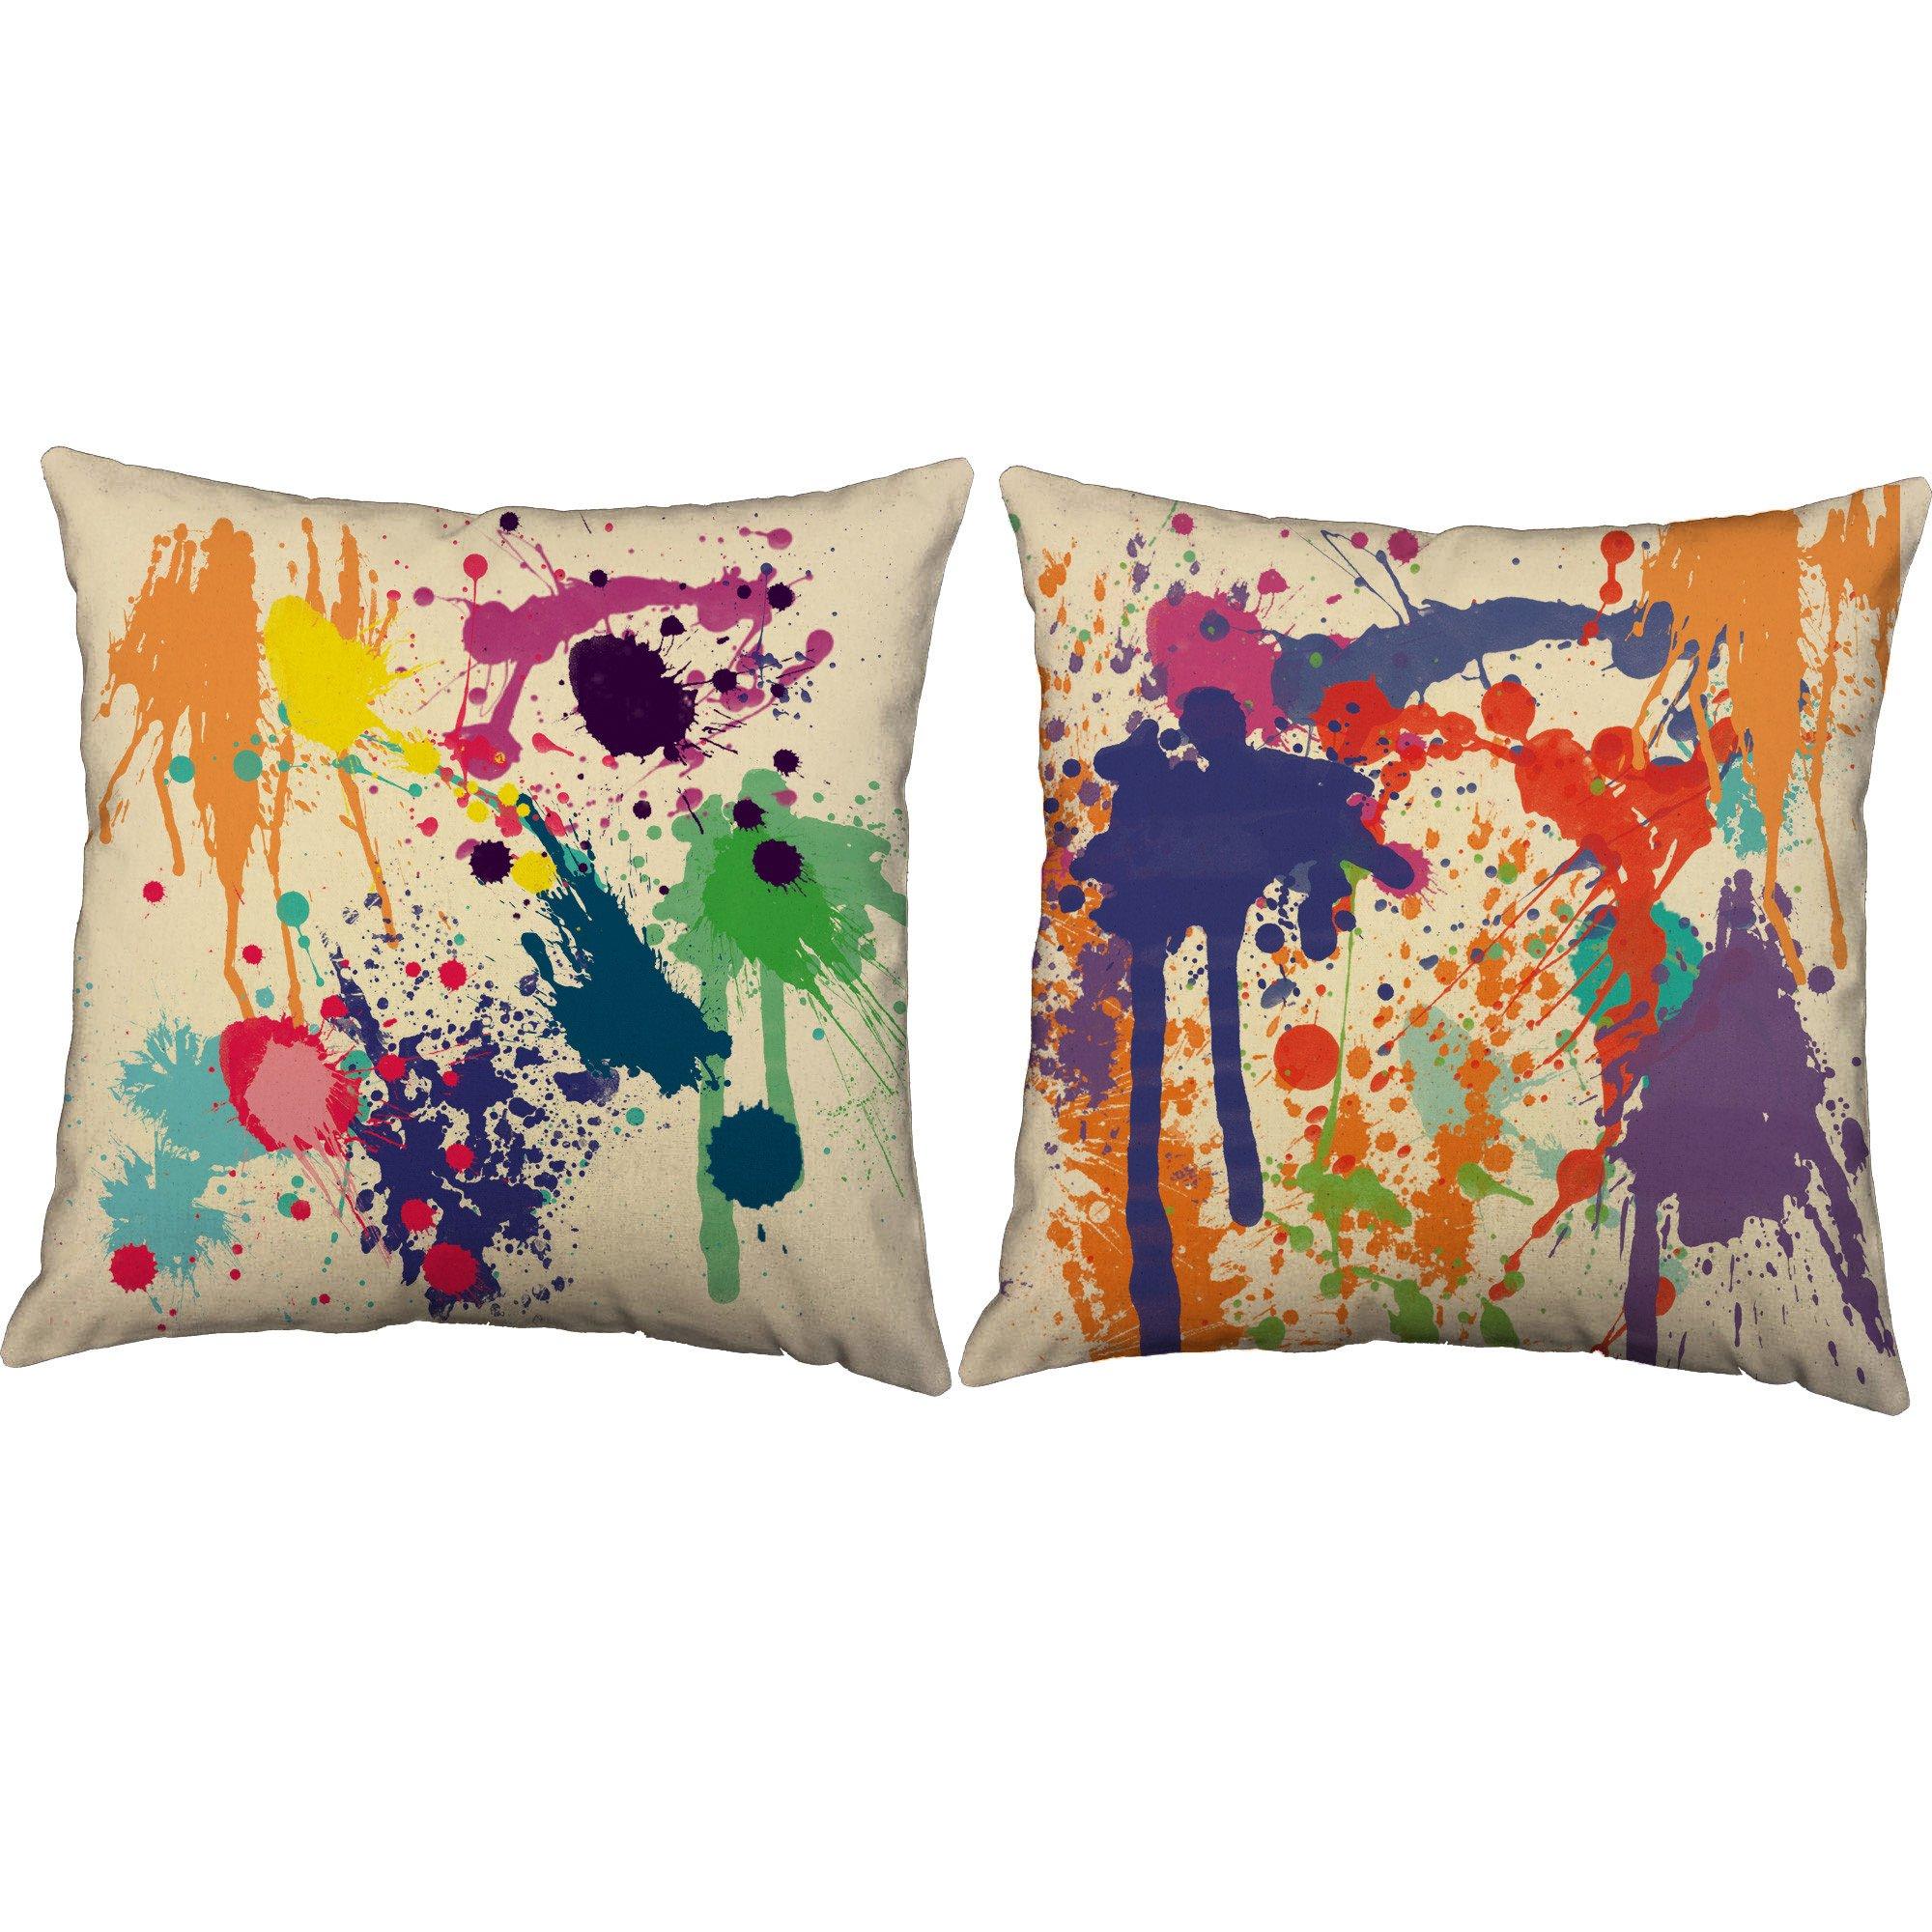 Paint Splatter Throw Pillows Throw Pillows Pillows Outdoor Pillow Covers